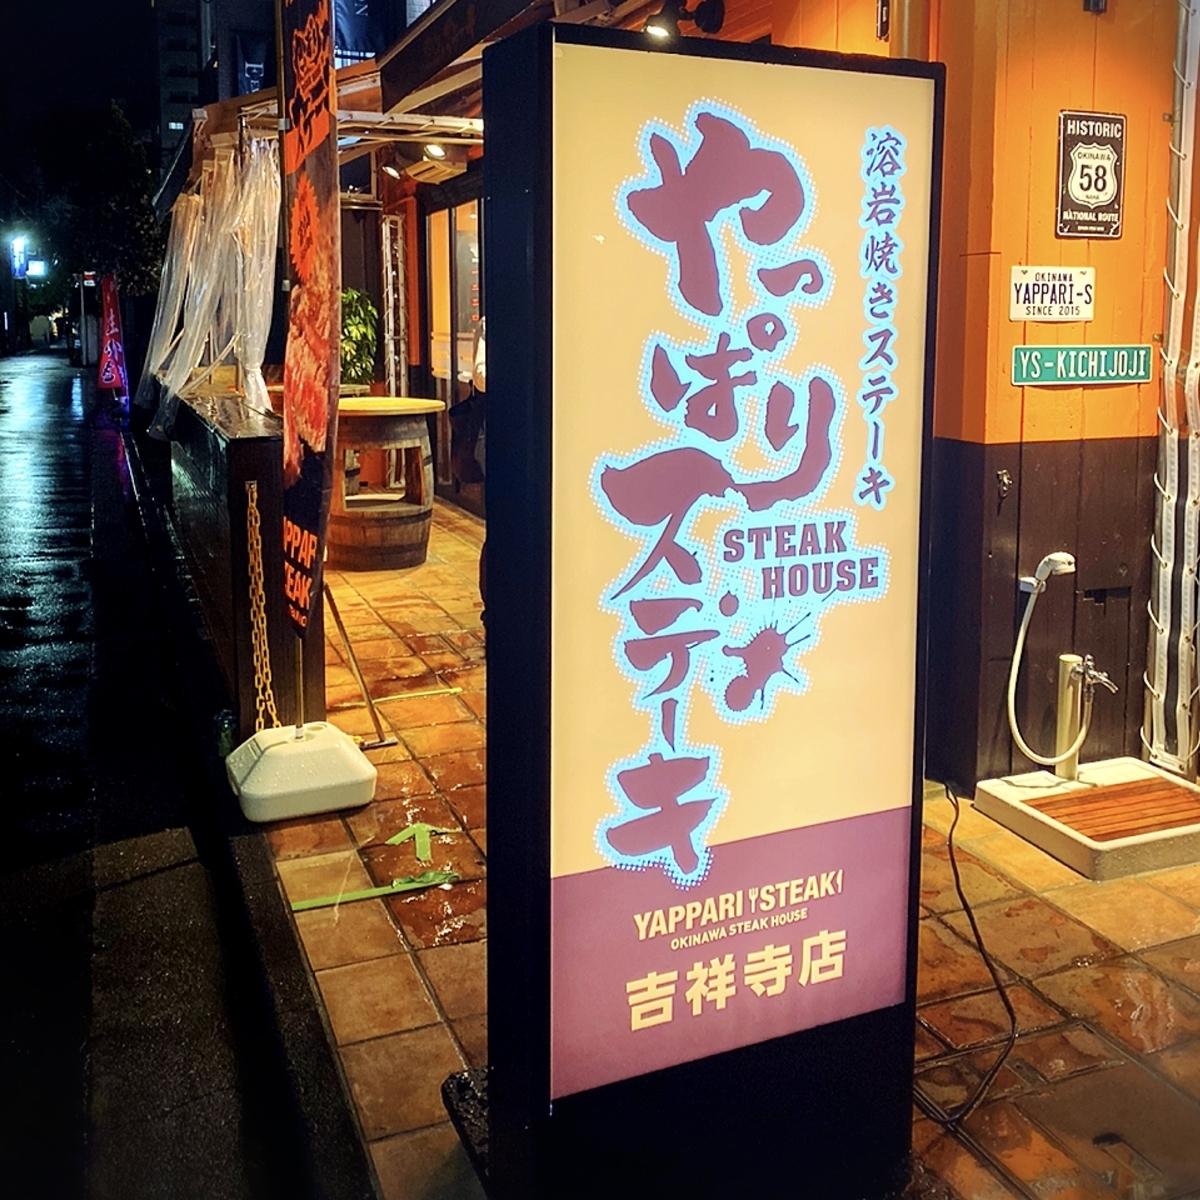 「やっぱりステーキ 吉祥寺店」はステーキと共にお腹いっぱいごはんを食べたい方におすすめのお店